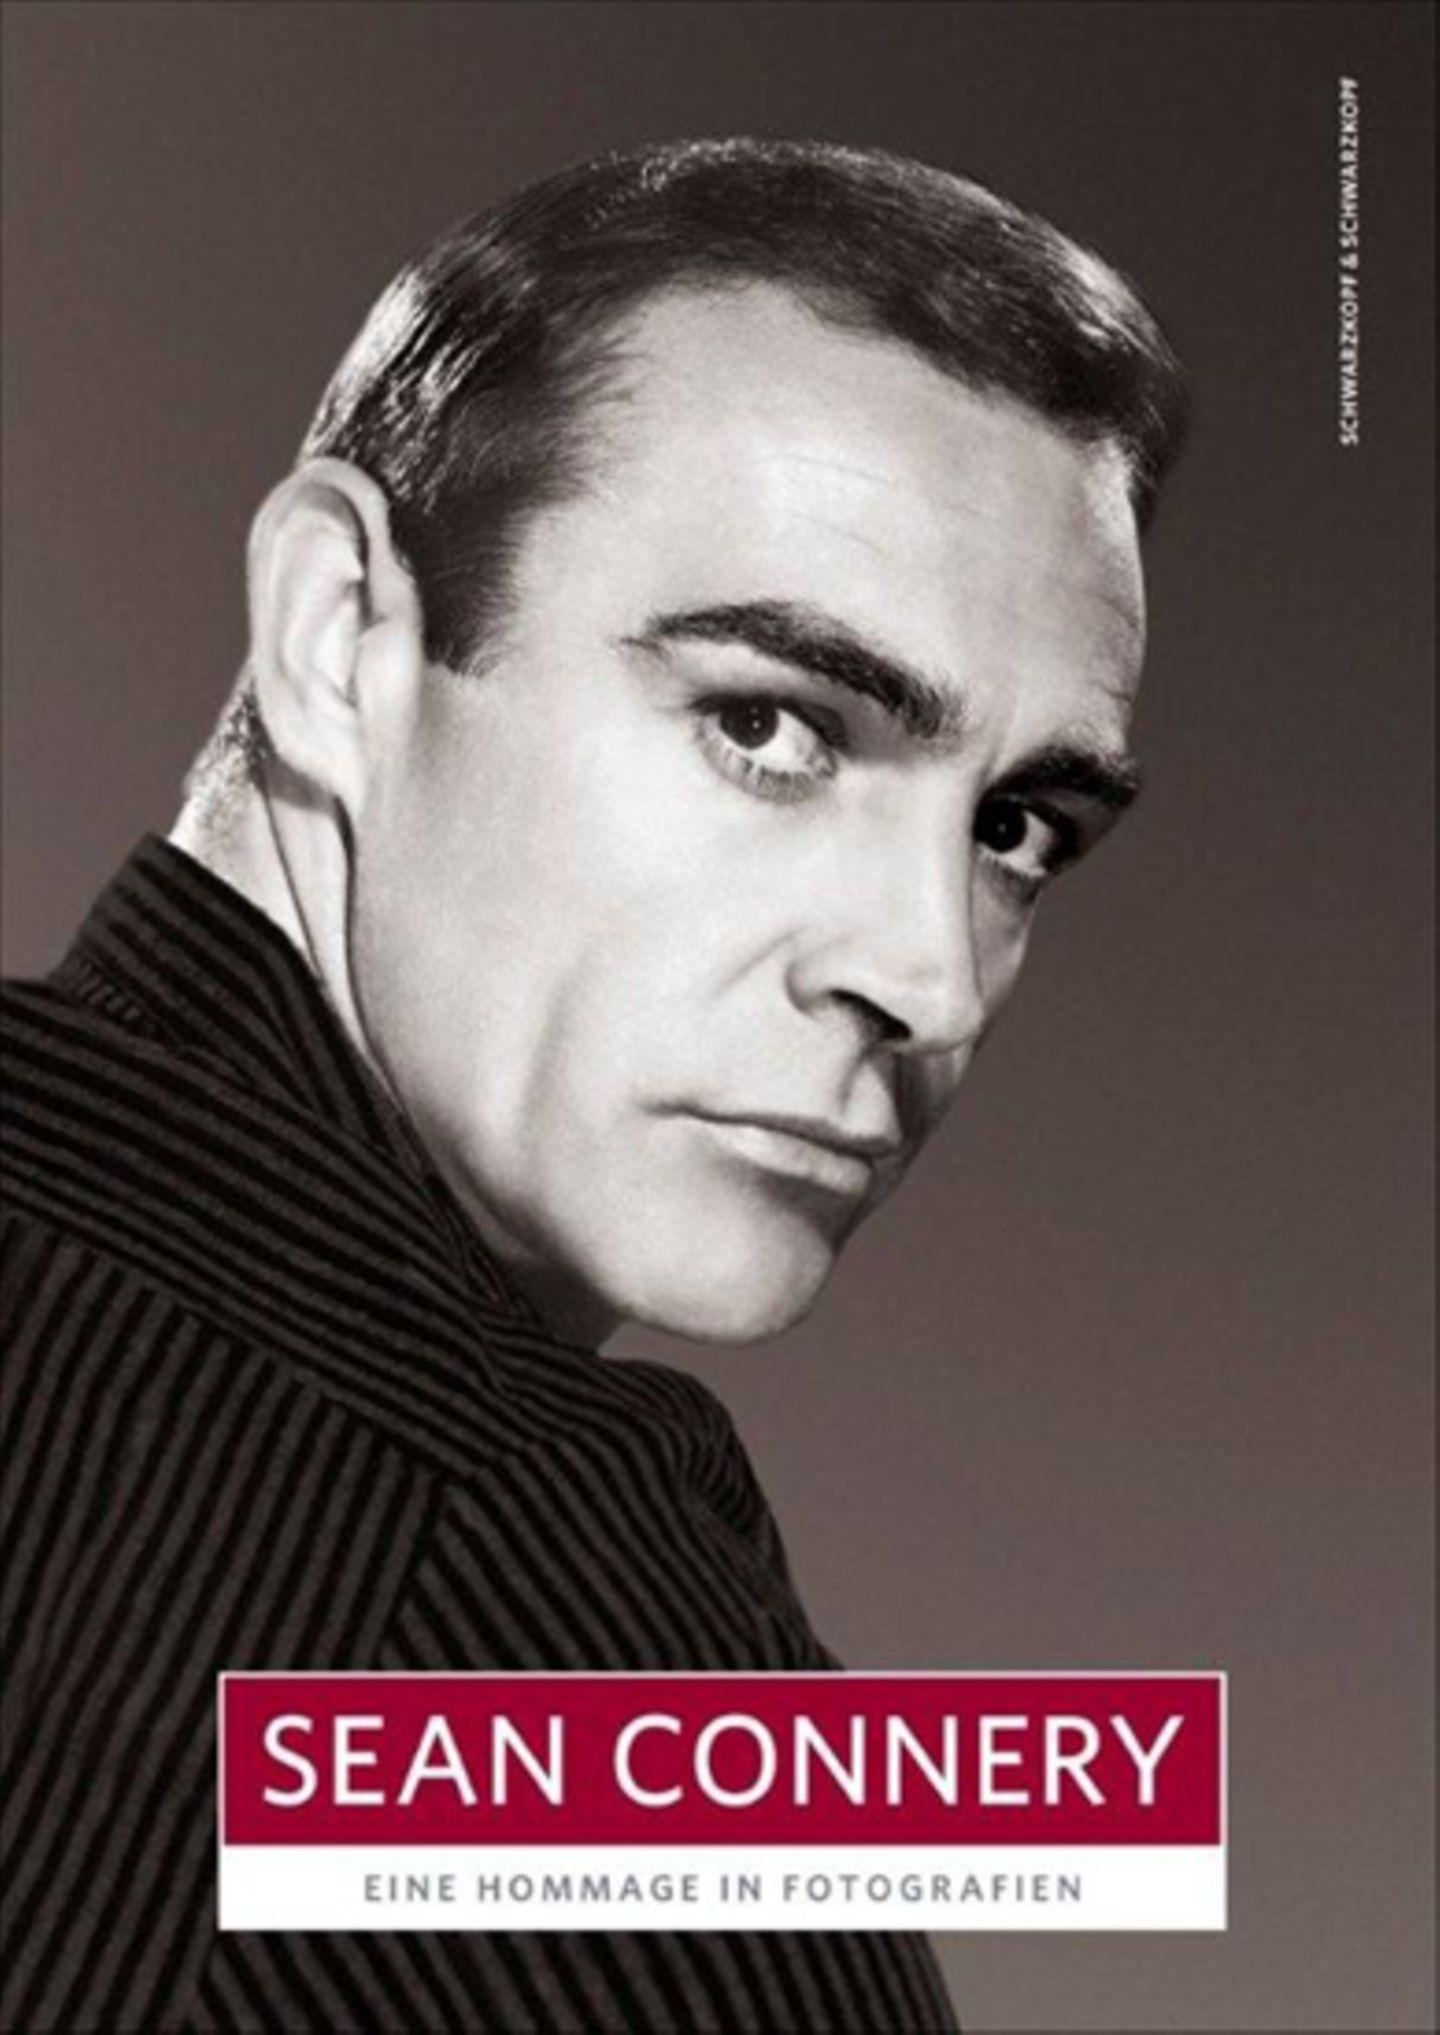 """Der Bildband """"Sean Connery – Eine Hommage in Fotografien"""" erscheint anlässlich des 80. Geburtstags des Schauspielers am 25. August 2010 im Schwarzkopf + Schwarzkopf Verlag (Preis 19,95 Euro)."""